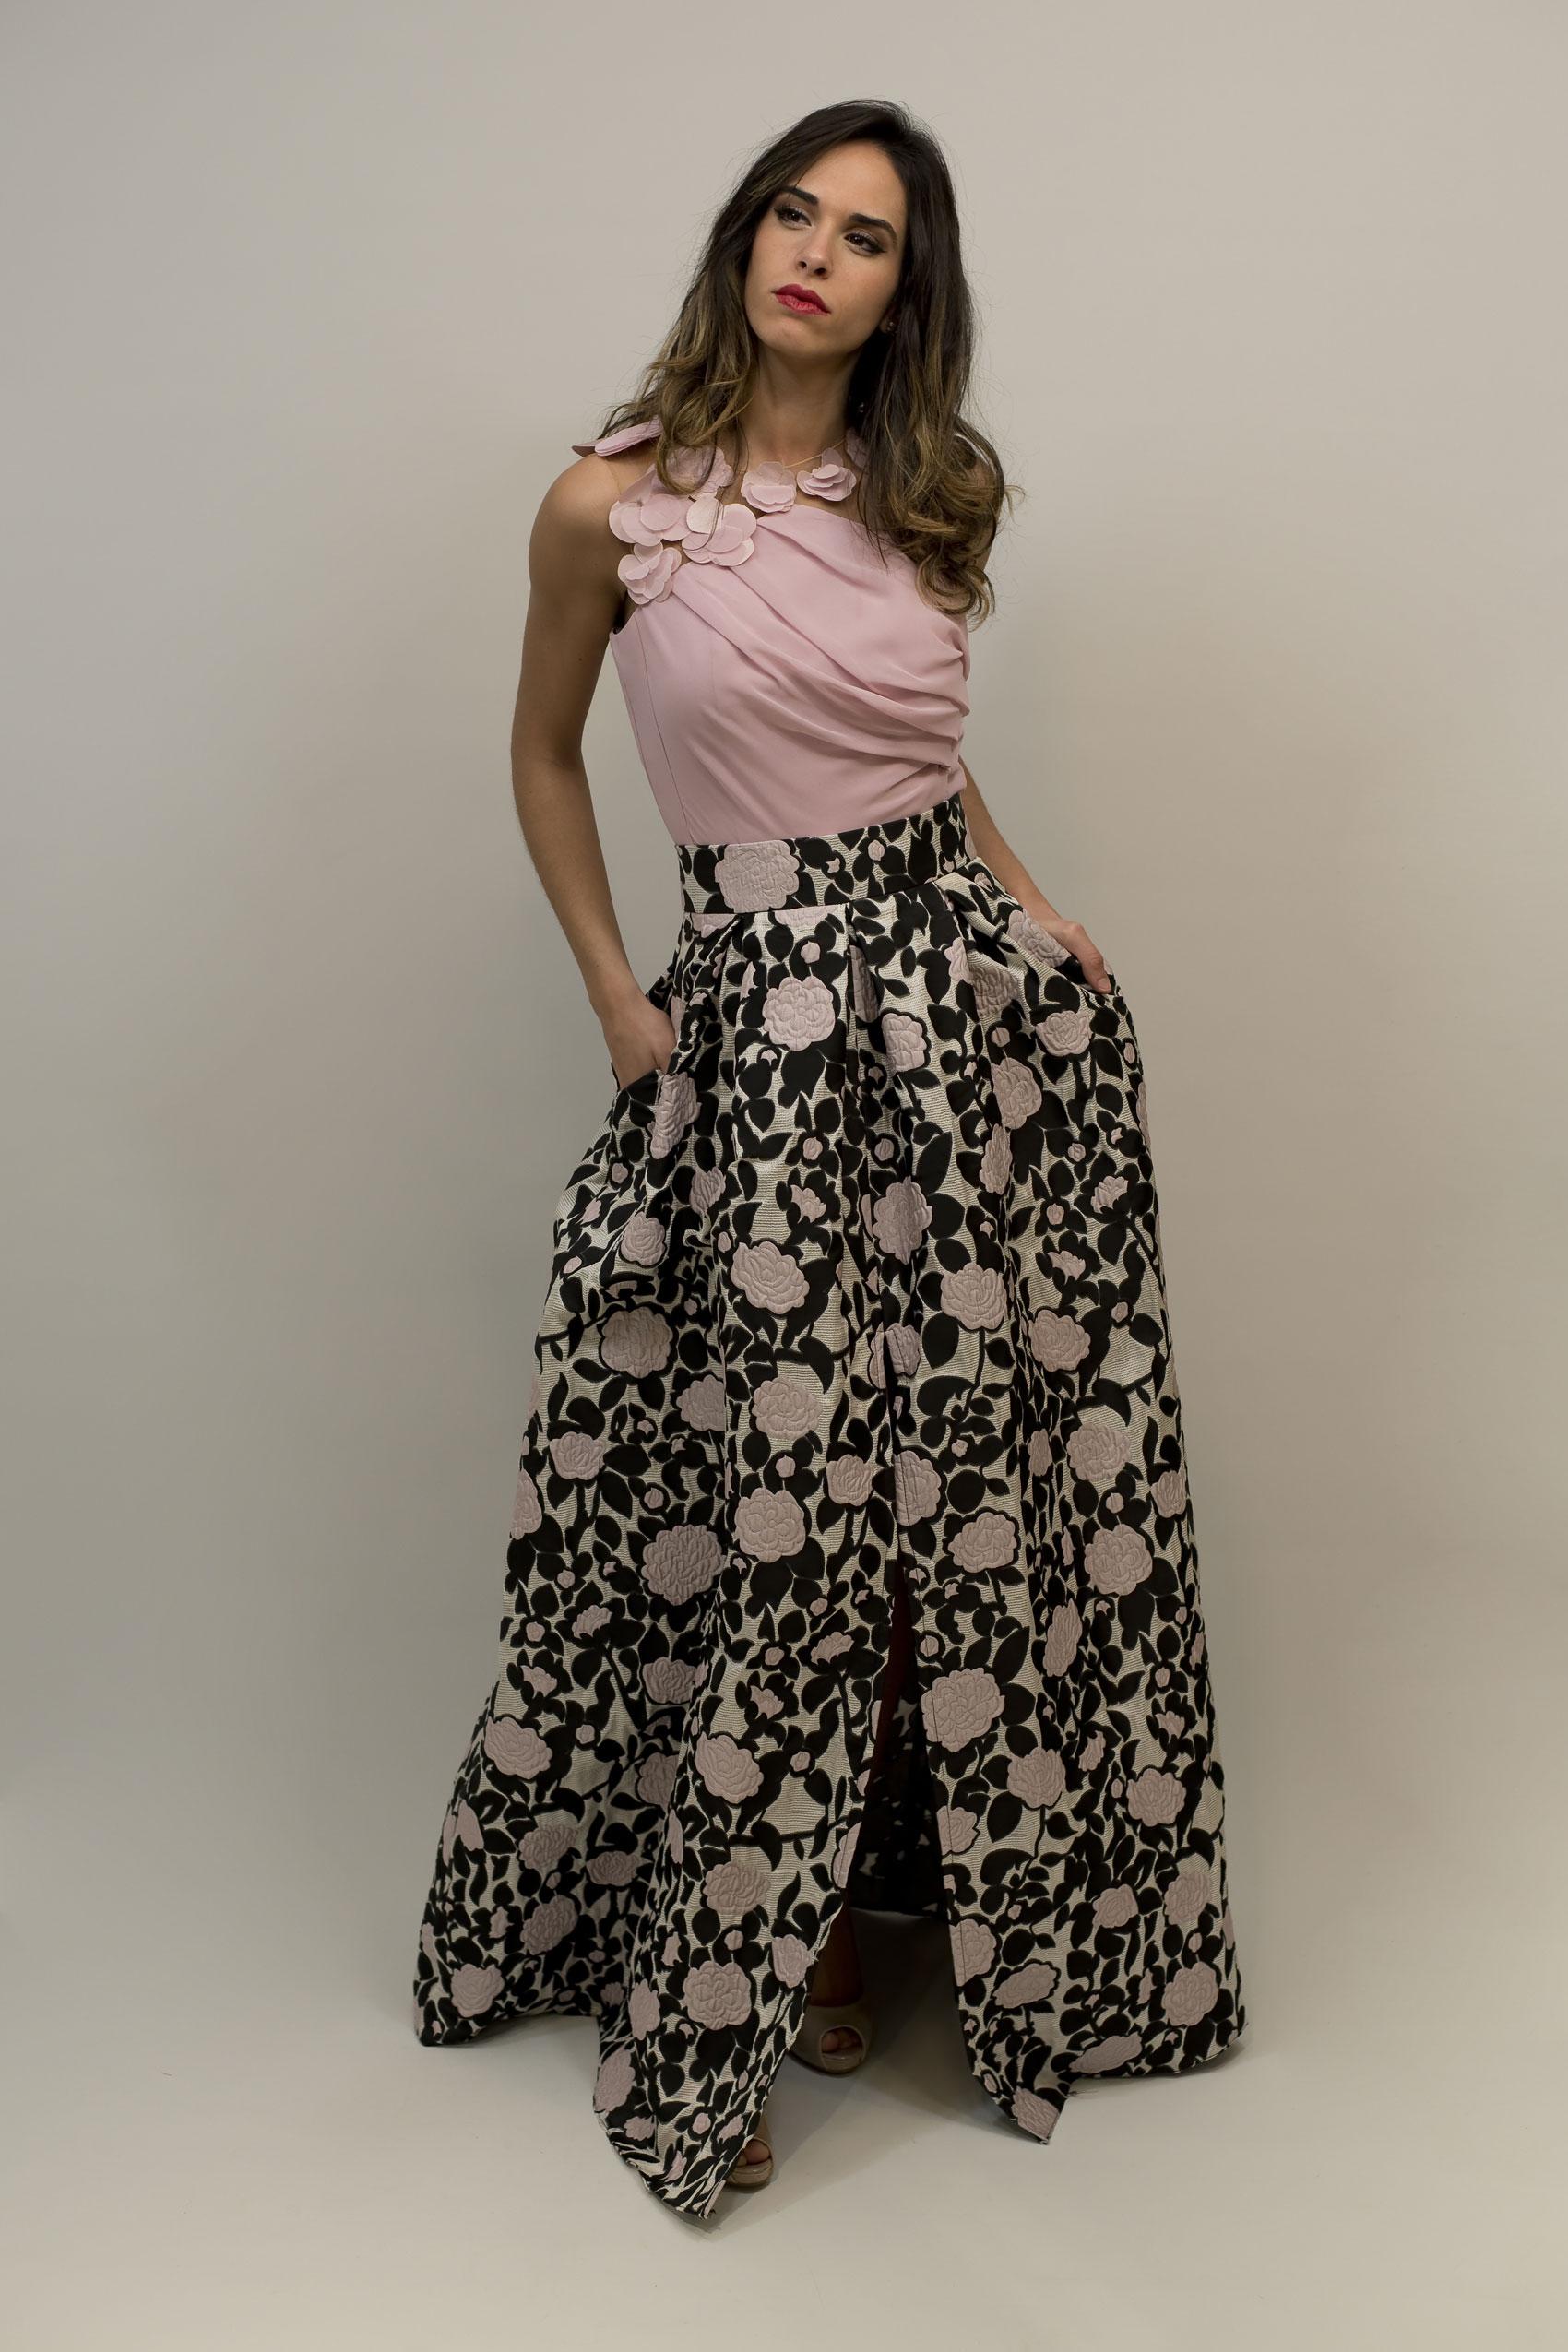 Vestidos de fiesta camisa y falda larga